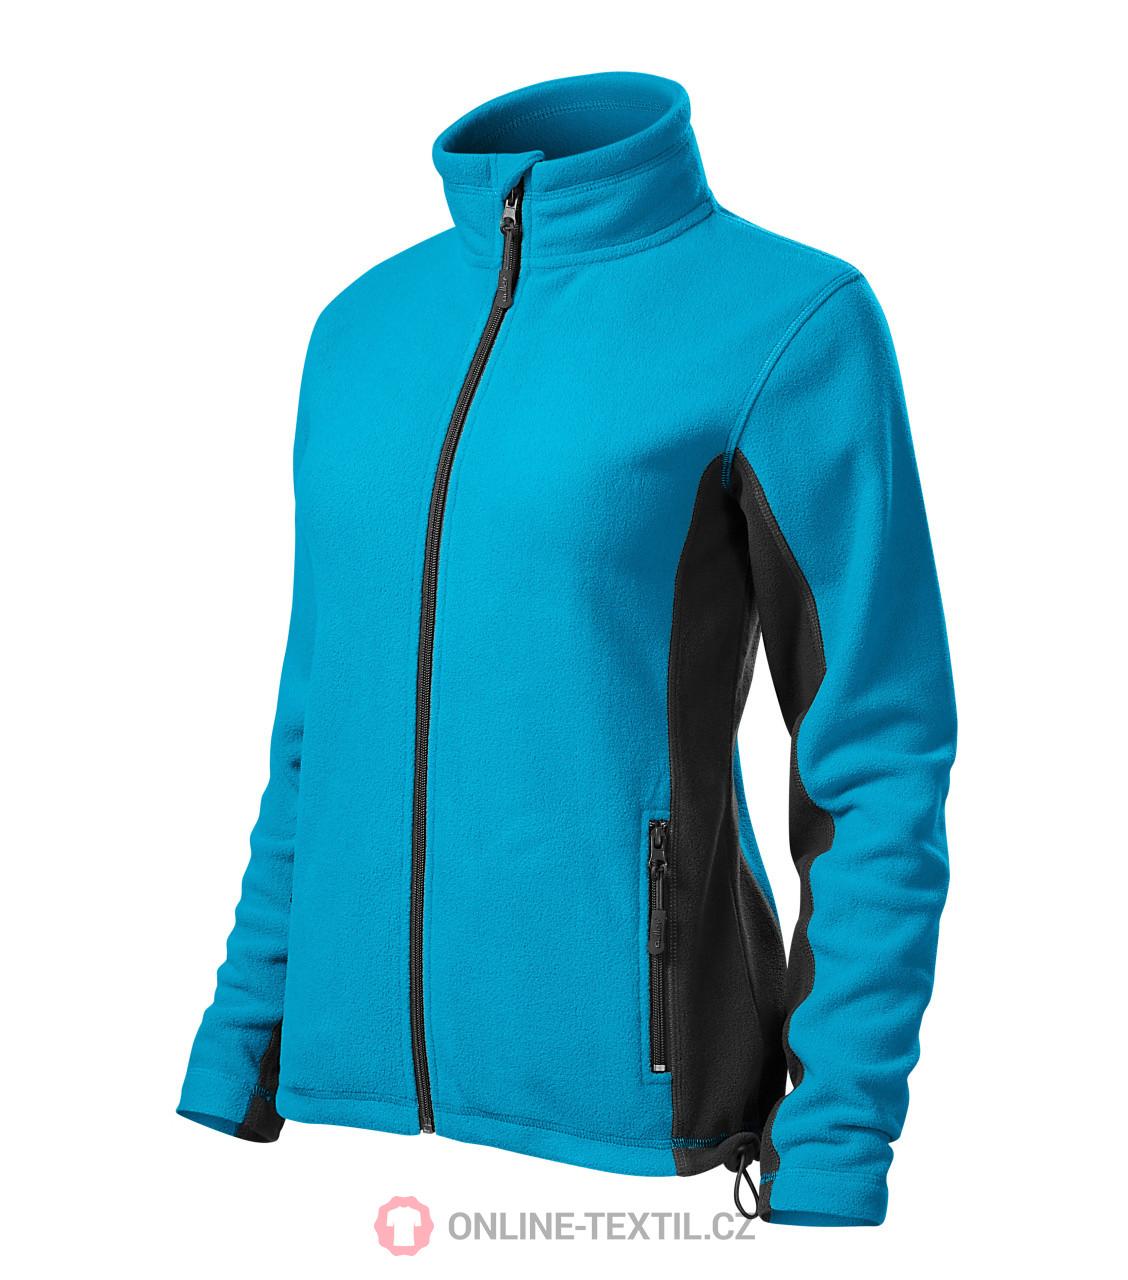 ADLER CZECH Dámská fleece bunda mikina Frosty 528 - tyrkysová z ... 4ccec34b07